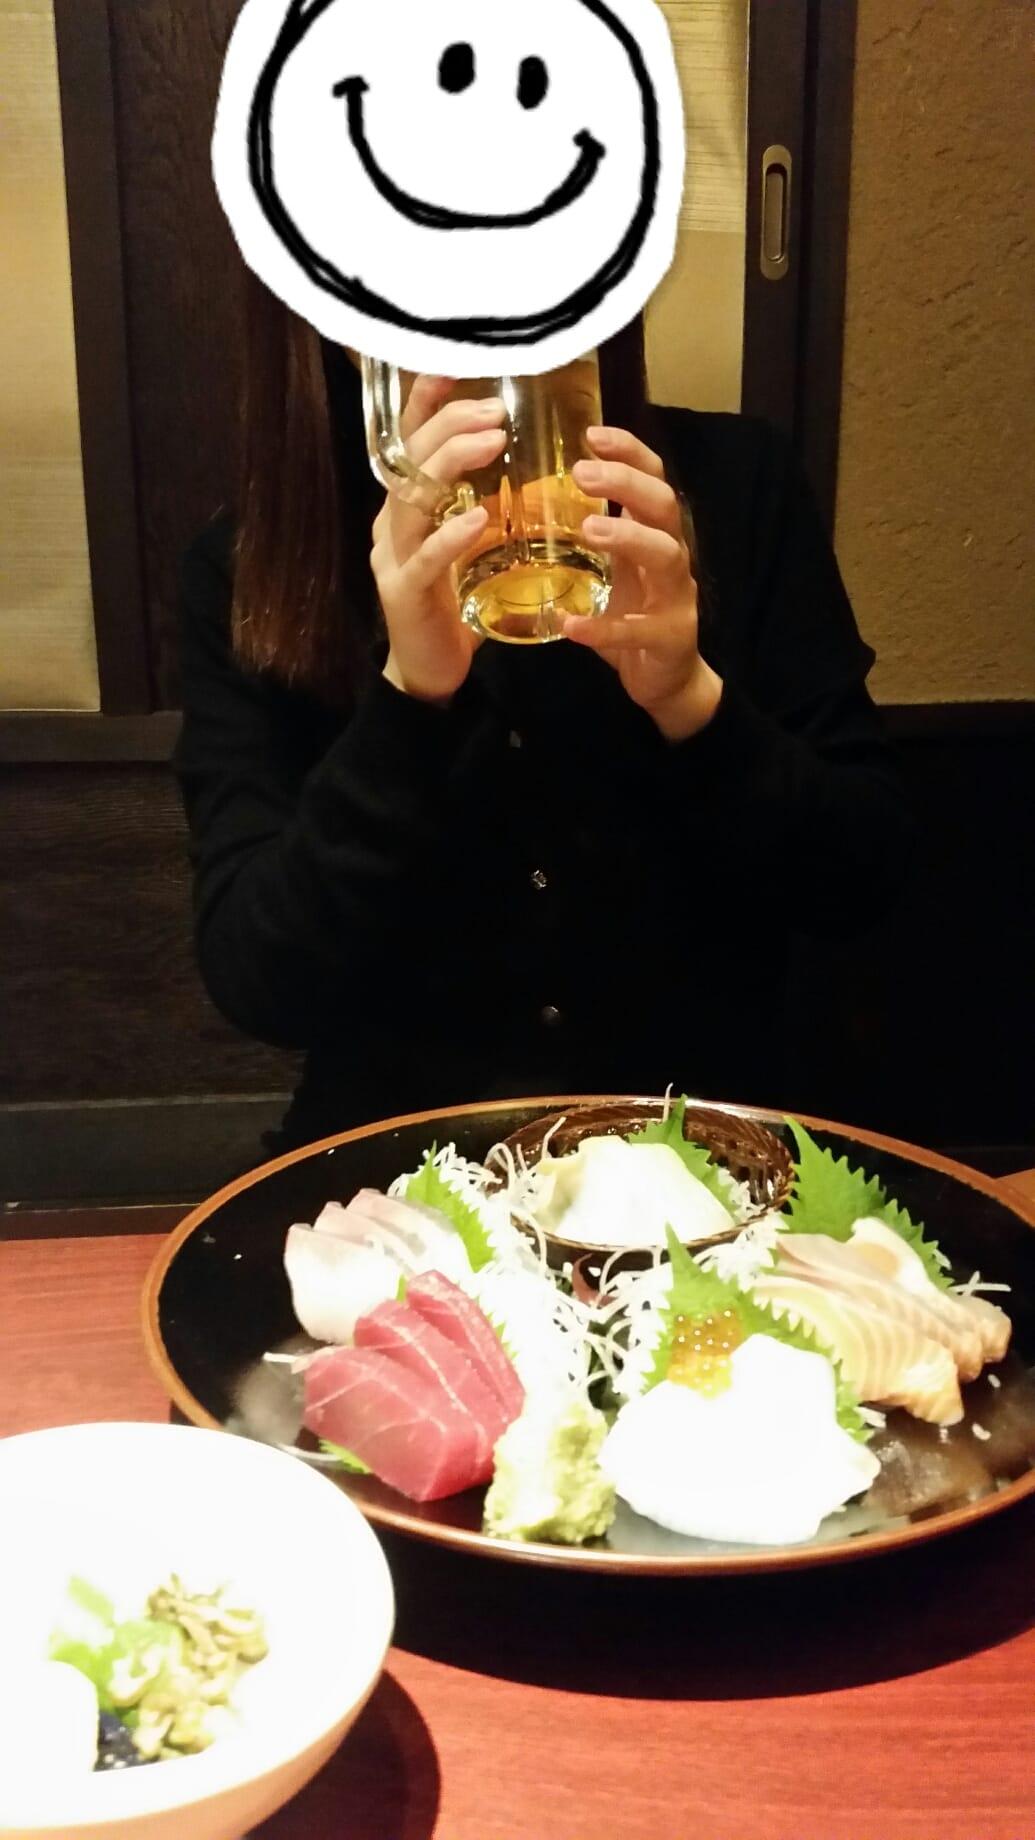 「おはようございます(*^-^*)」04/12(04/12) 06:28 | なつほの写メ・風俗動画